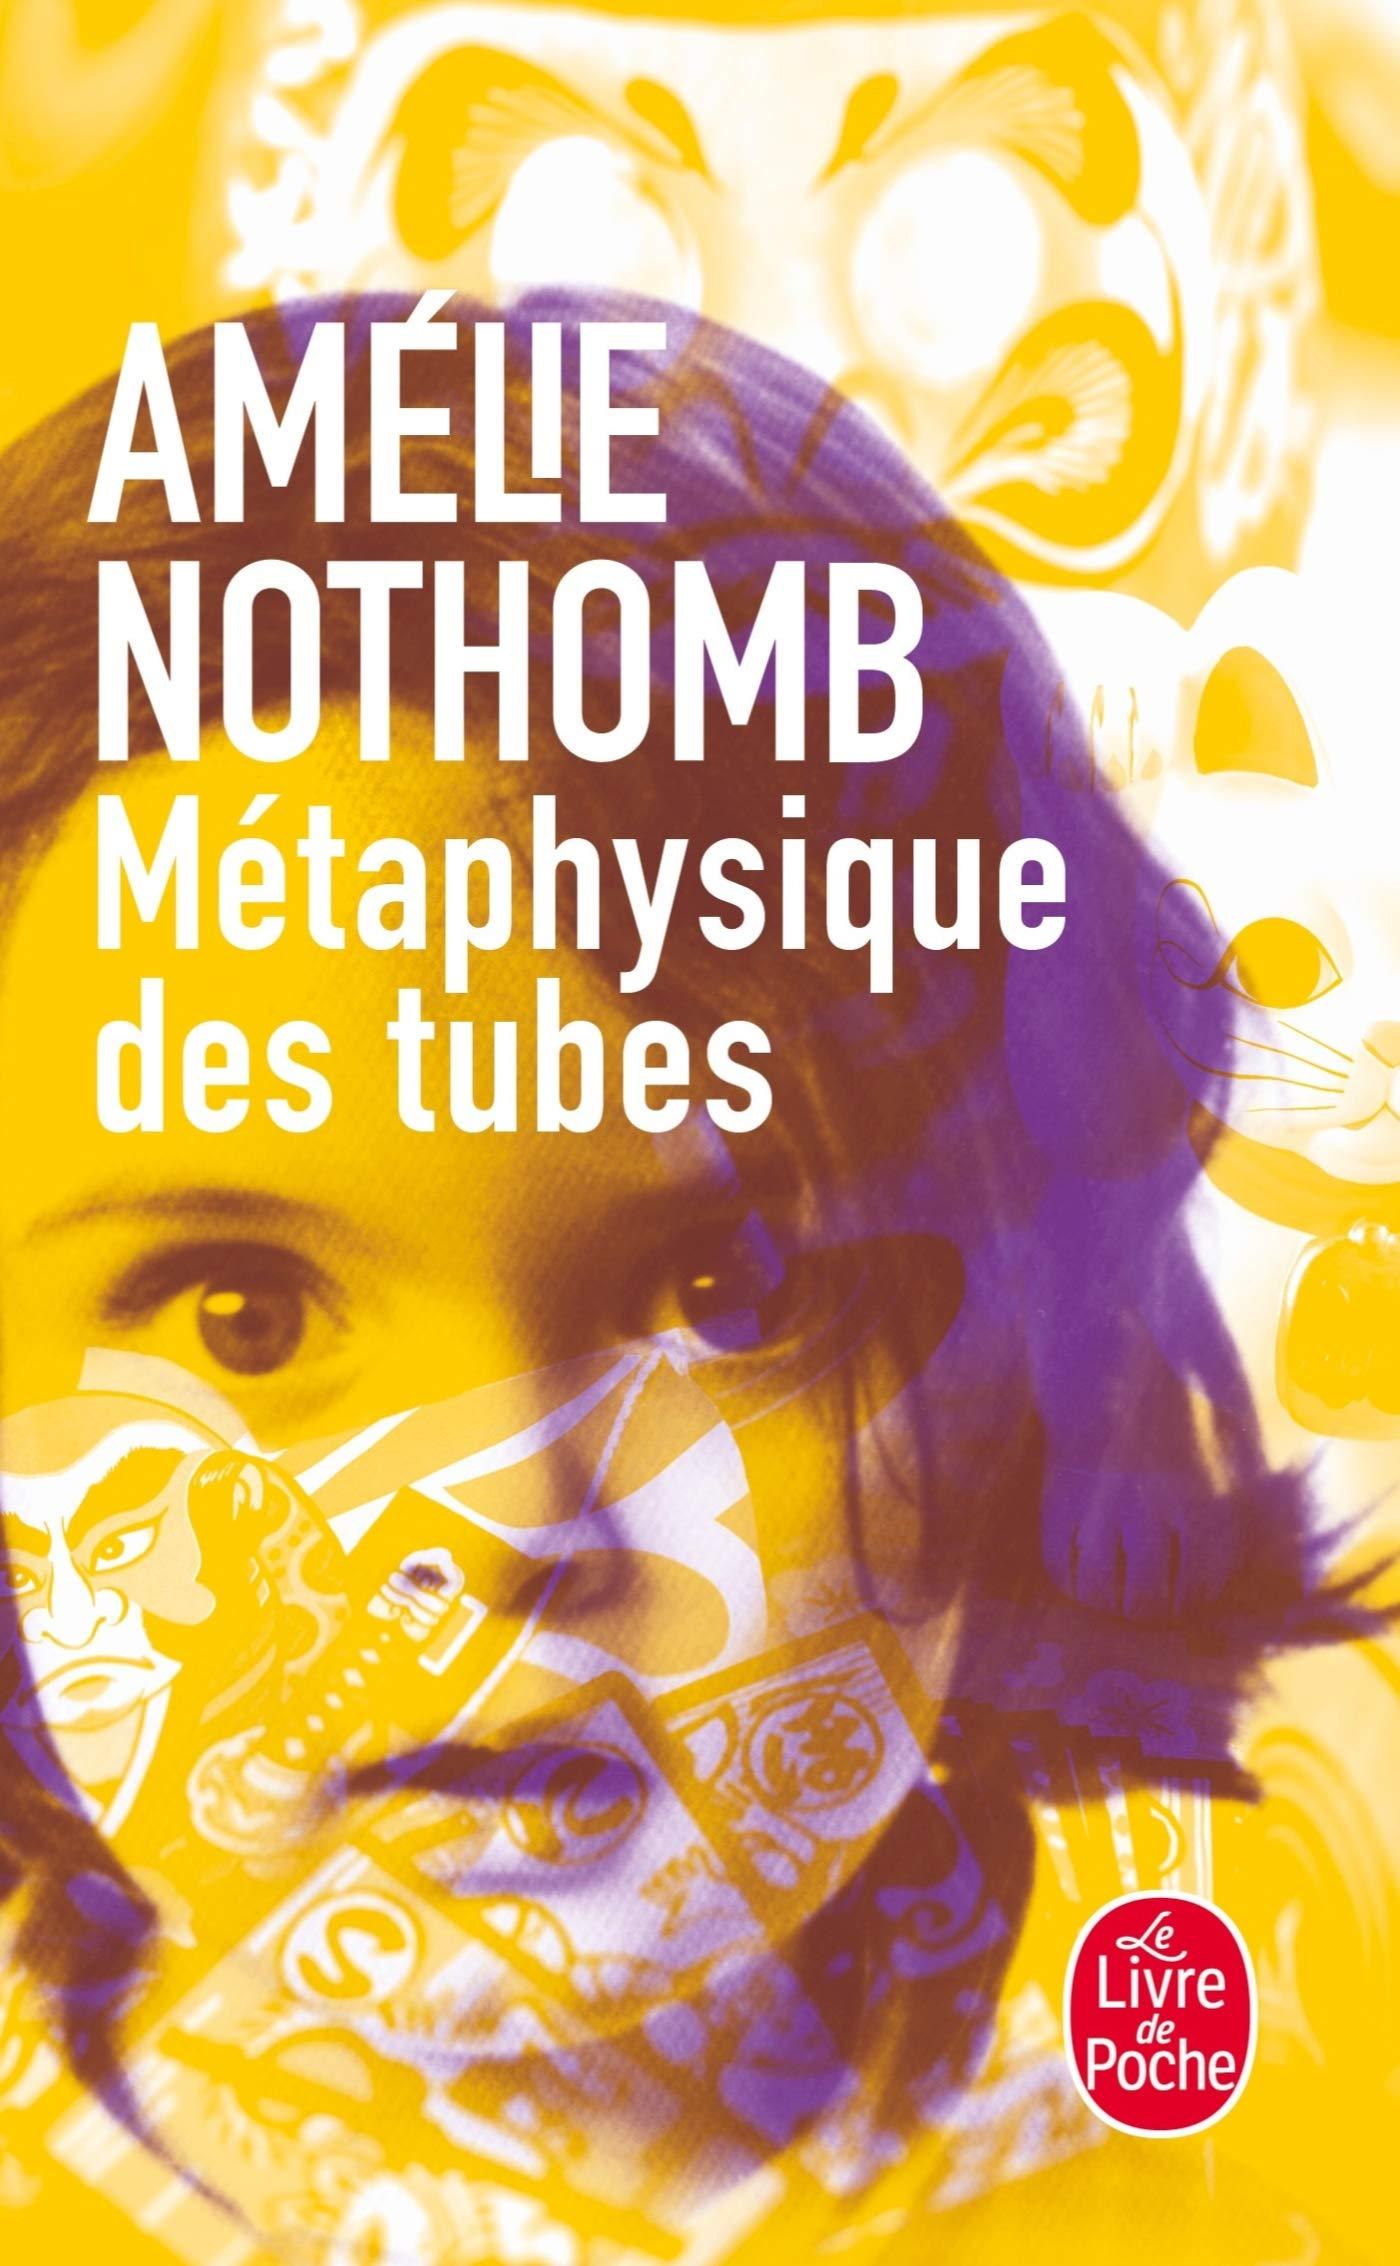 MÉTAPHYSIQUE DES TUBES: Nothomb, Amélie: 9782253152842: Books - Amazon.ca